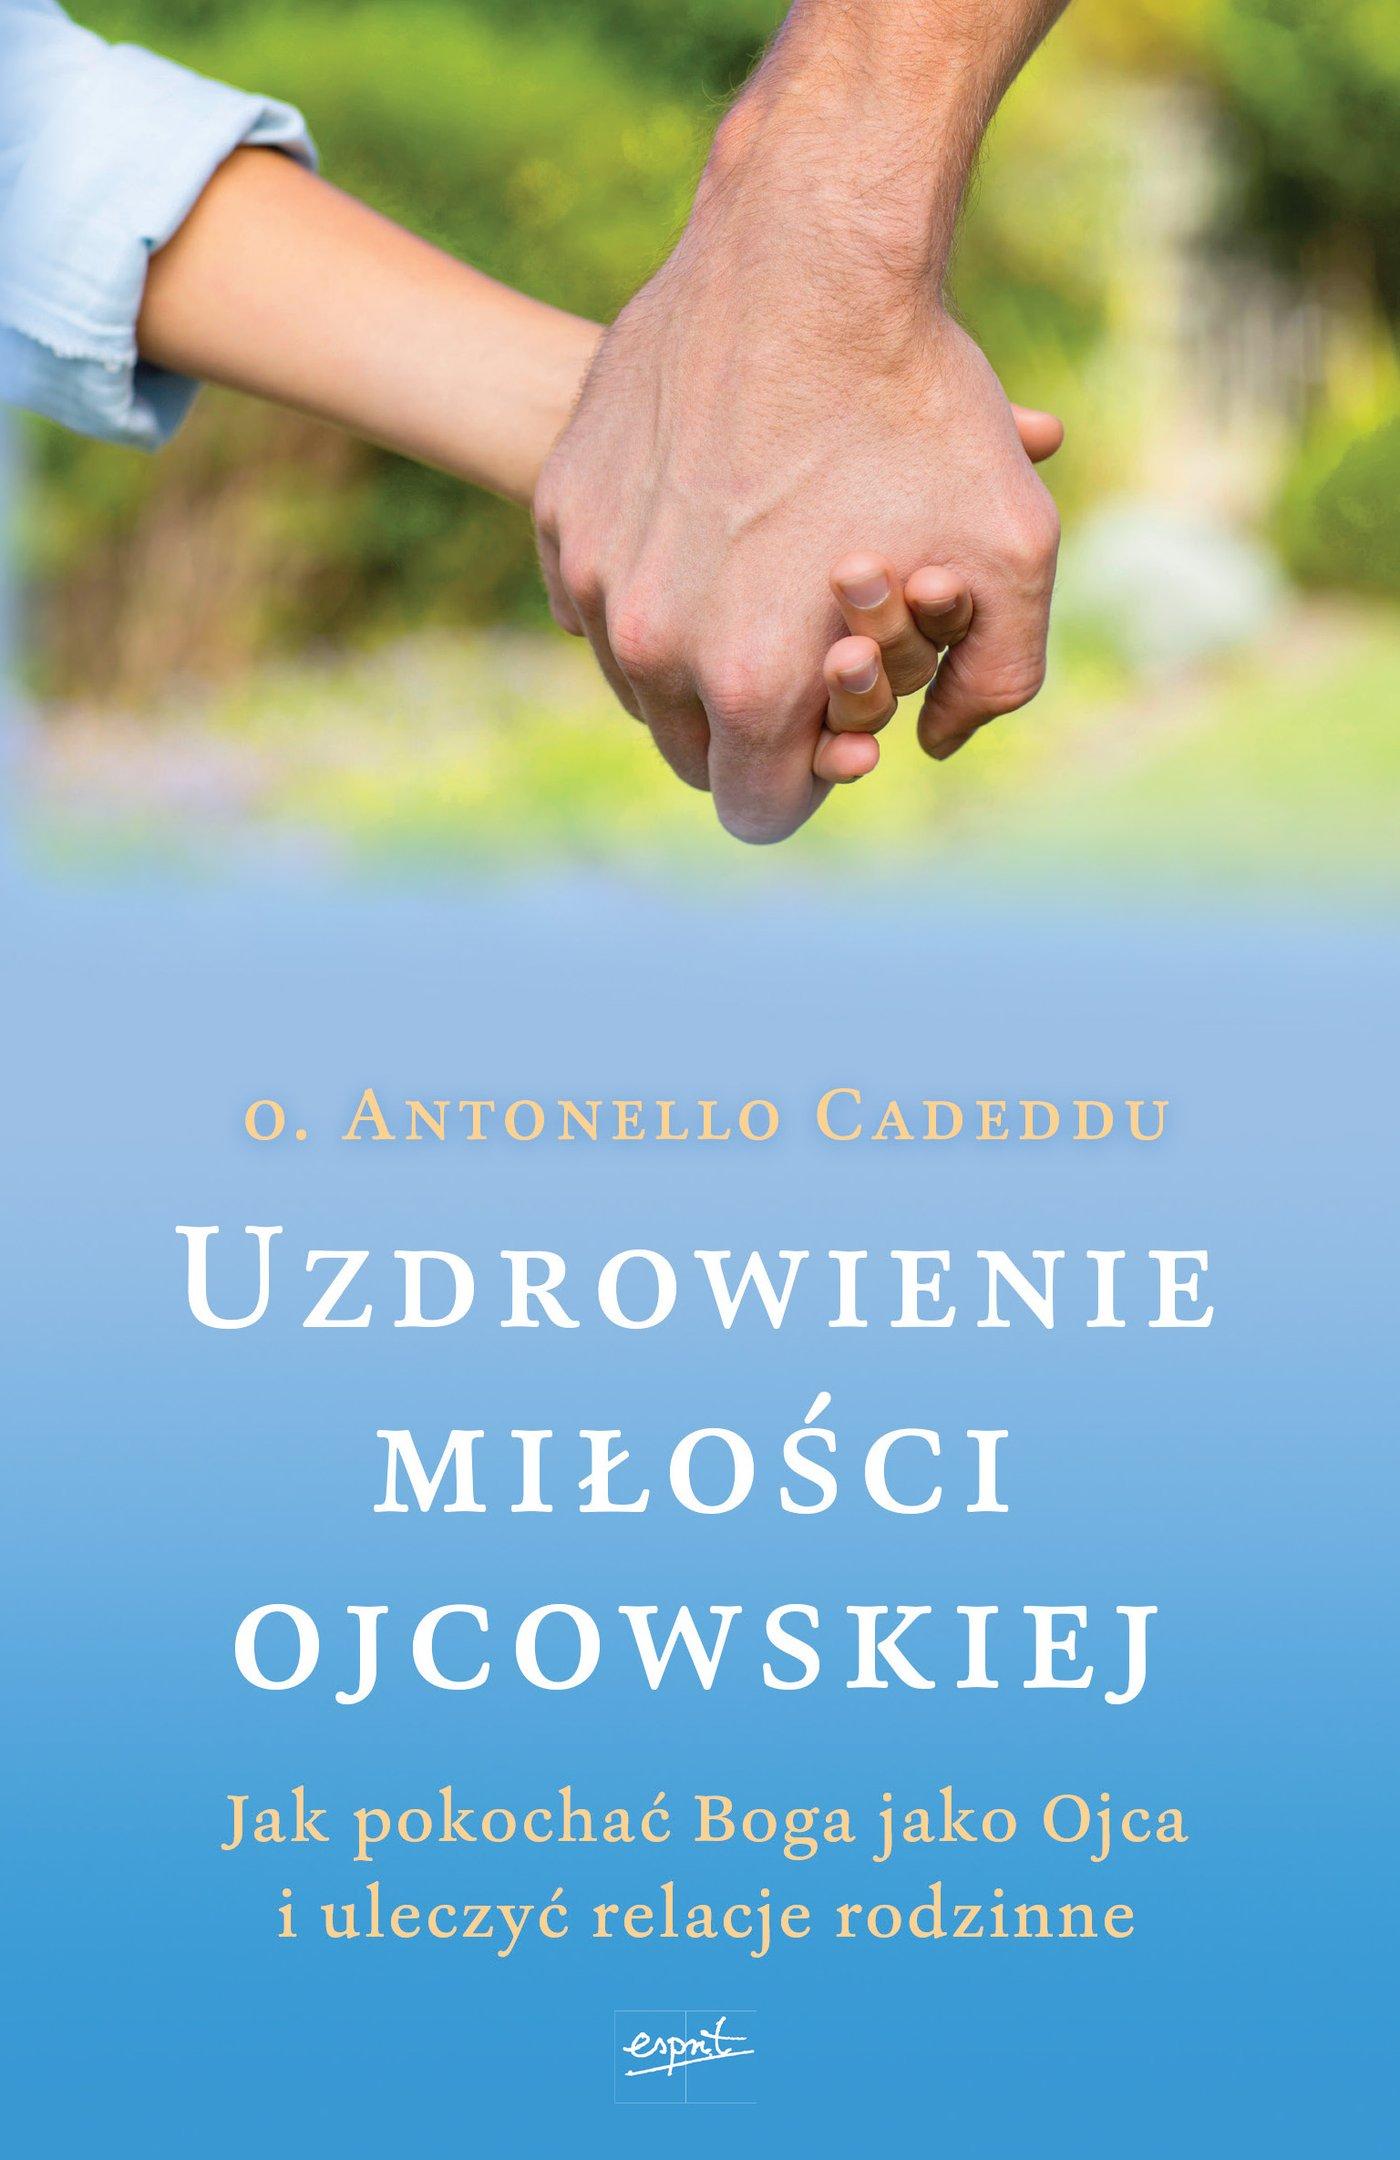 Uzdrowienie miłości ojcowskiej - Ebook (Książka na Kindle) do pobrania w formacie MOBI